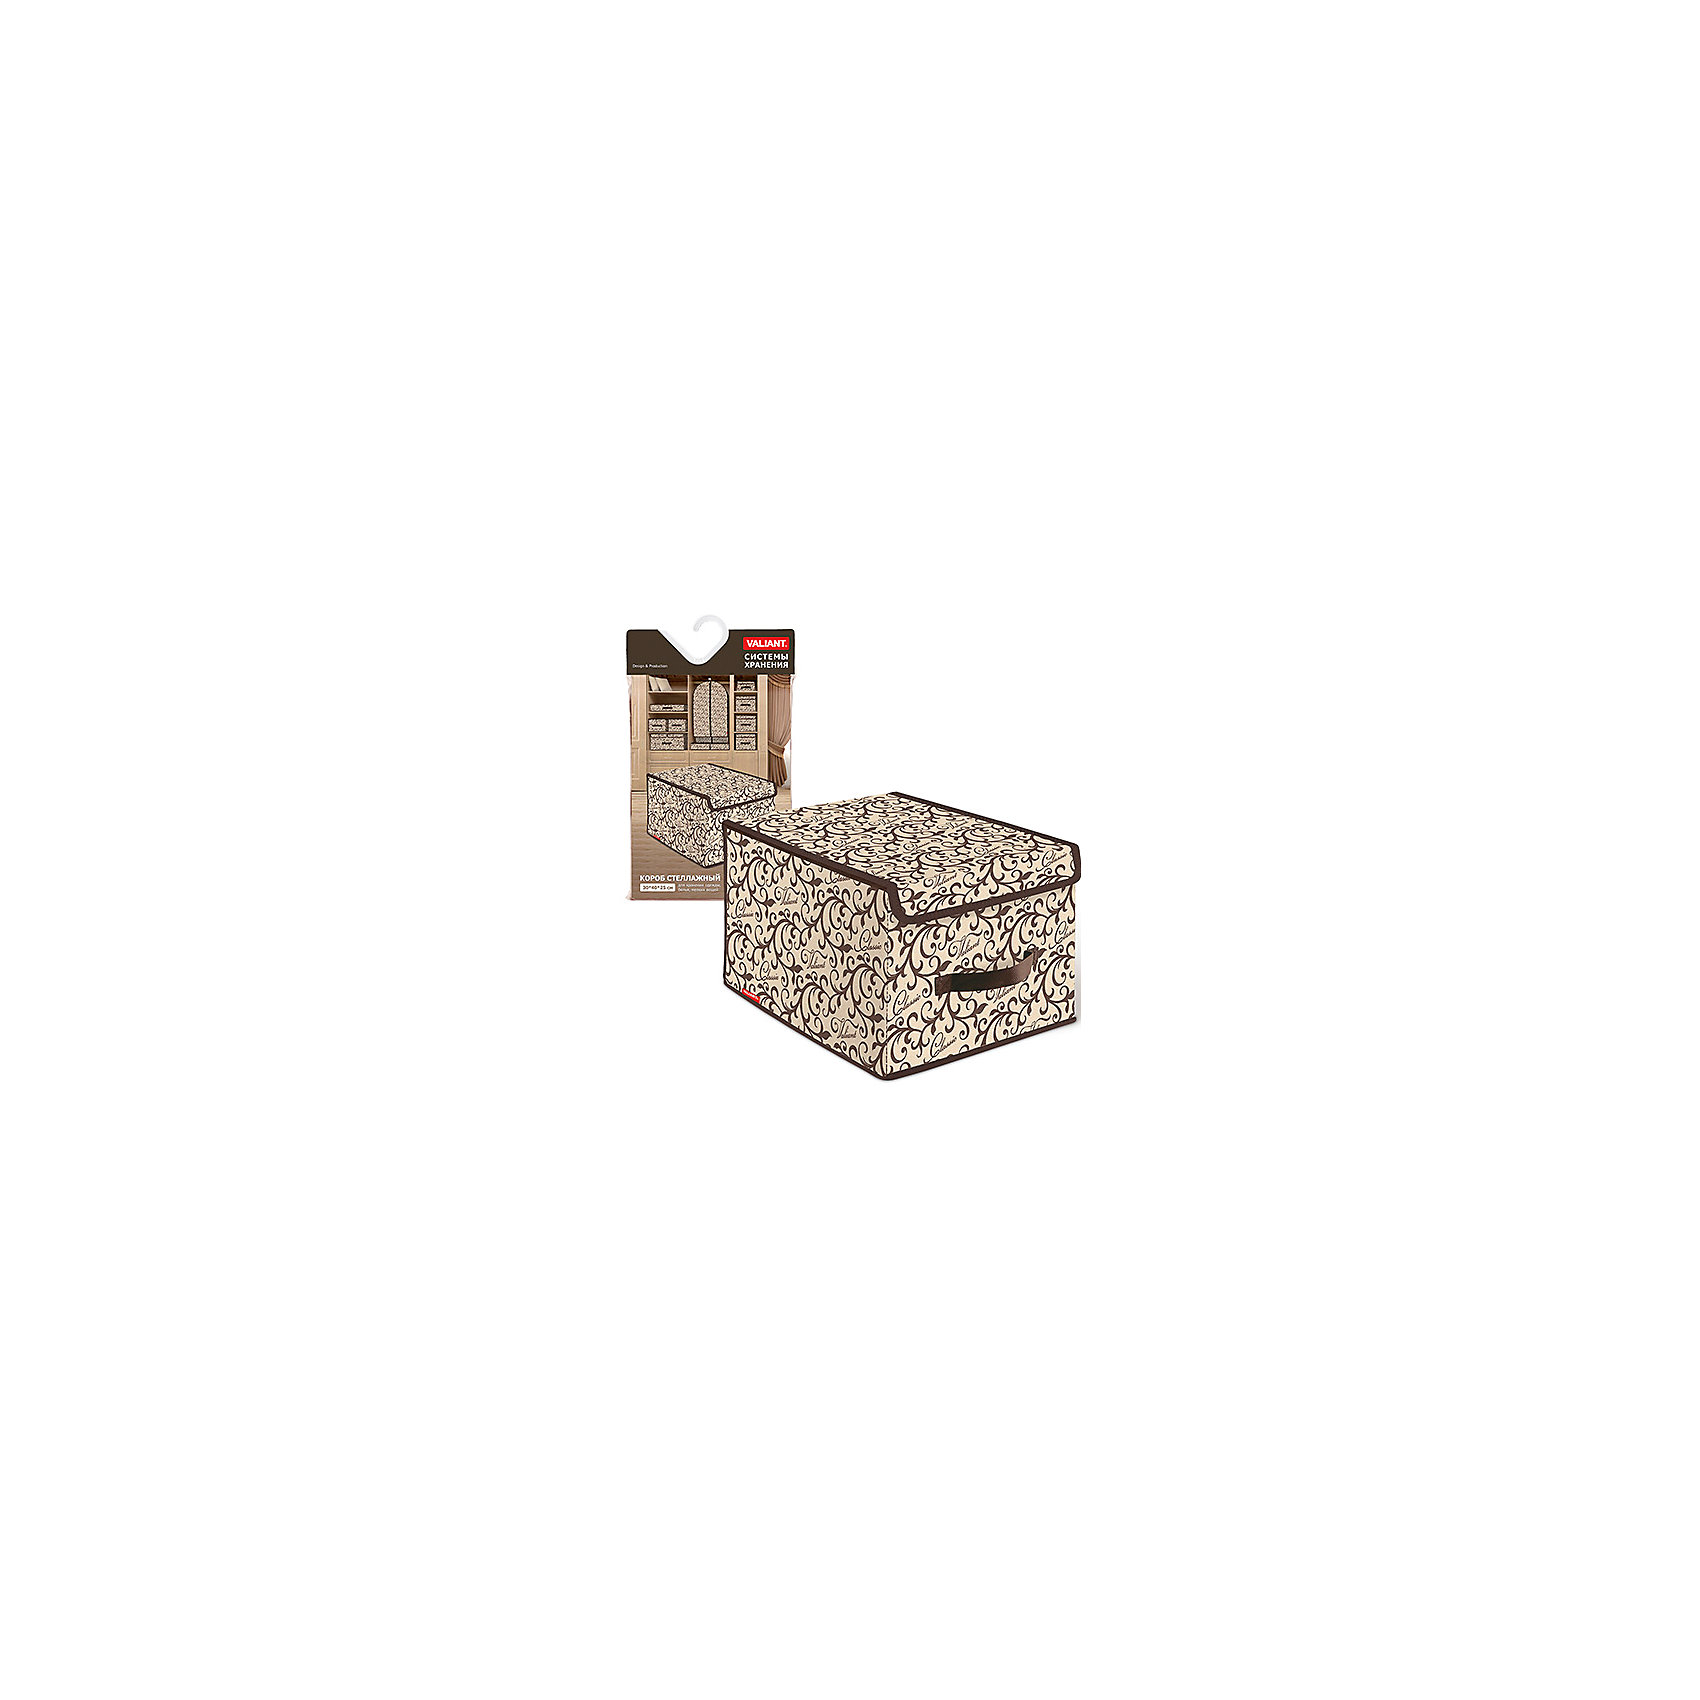 VALIANT Короб стеллажный с крышкой, большой, 30*40*25 см, CLASSIC, Valiant купить экран короб в спб адреса